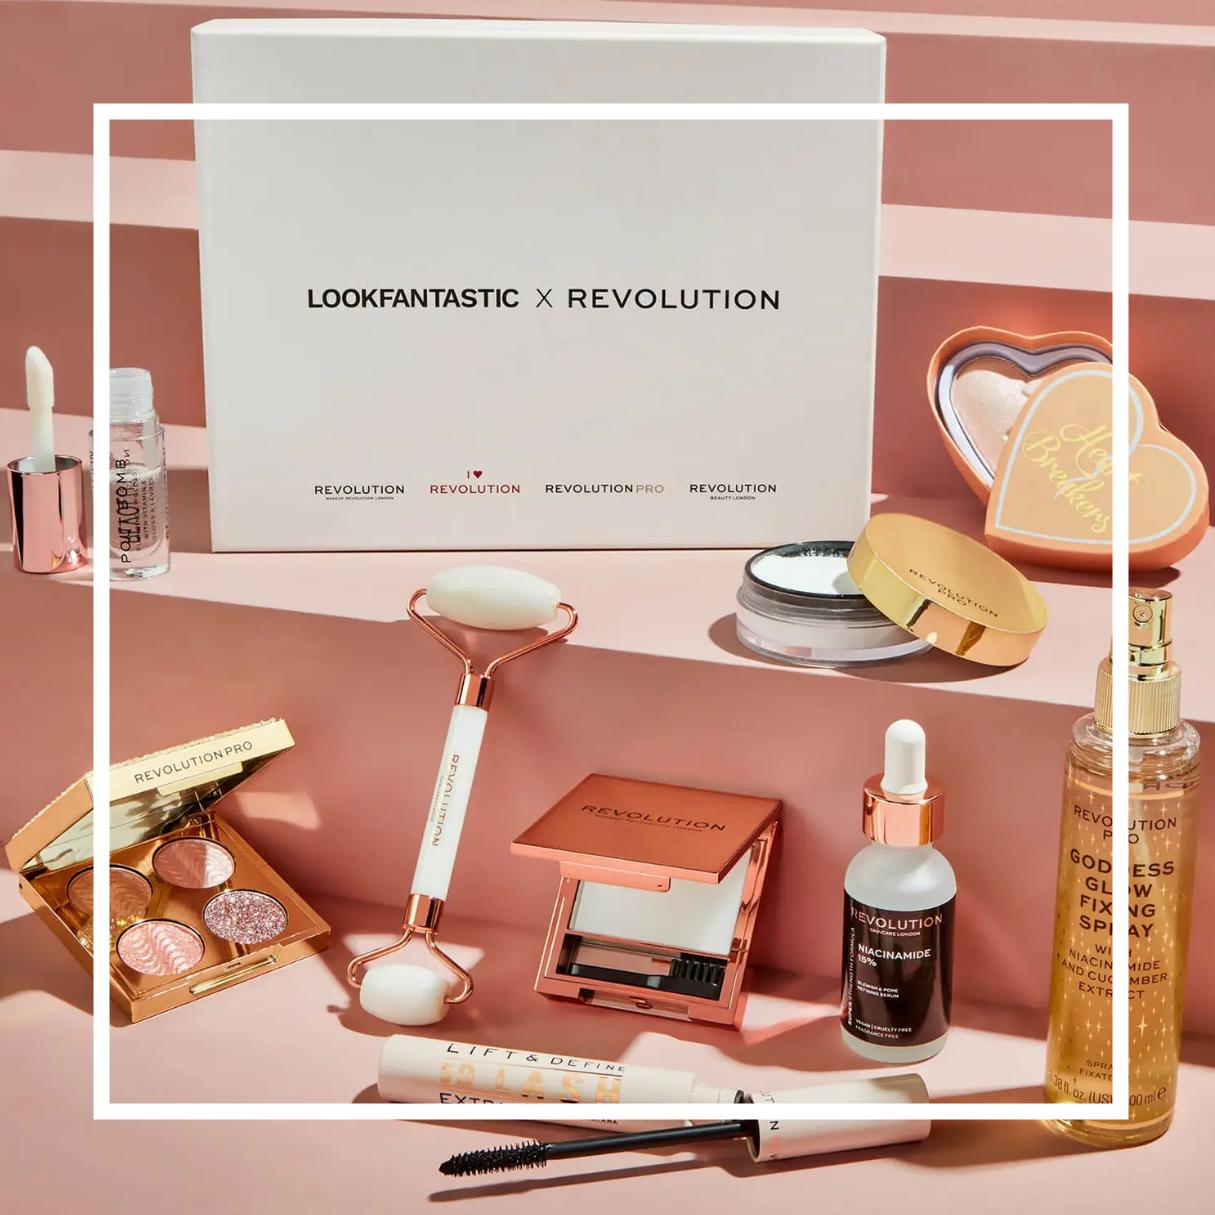 硬核Labor科技!LOOKFANTASTIC X Revolution Skincare限定2021美妆盒子